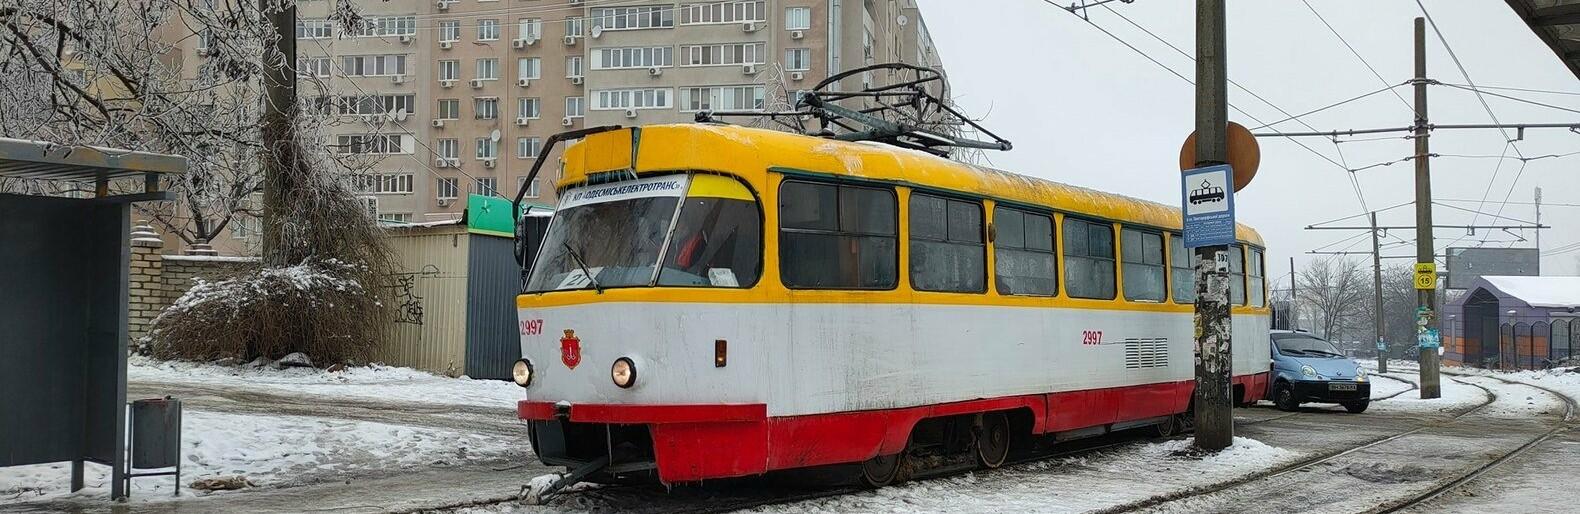 В Одессе на Люстдорфской дороге сломался трамвай, - ФОТО0